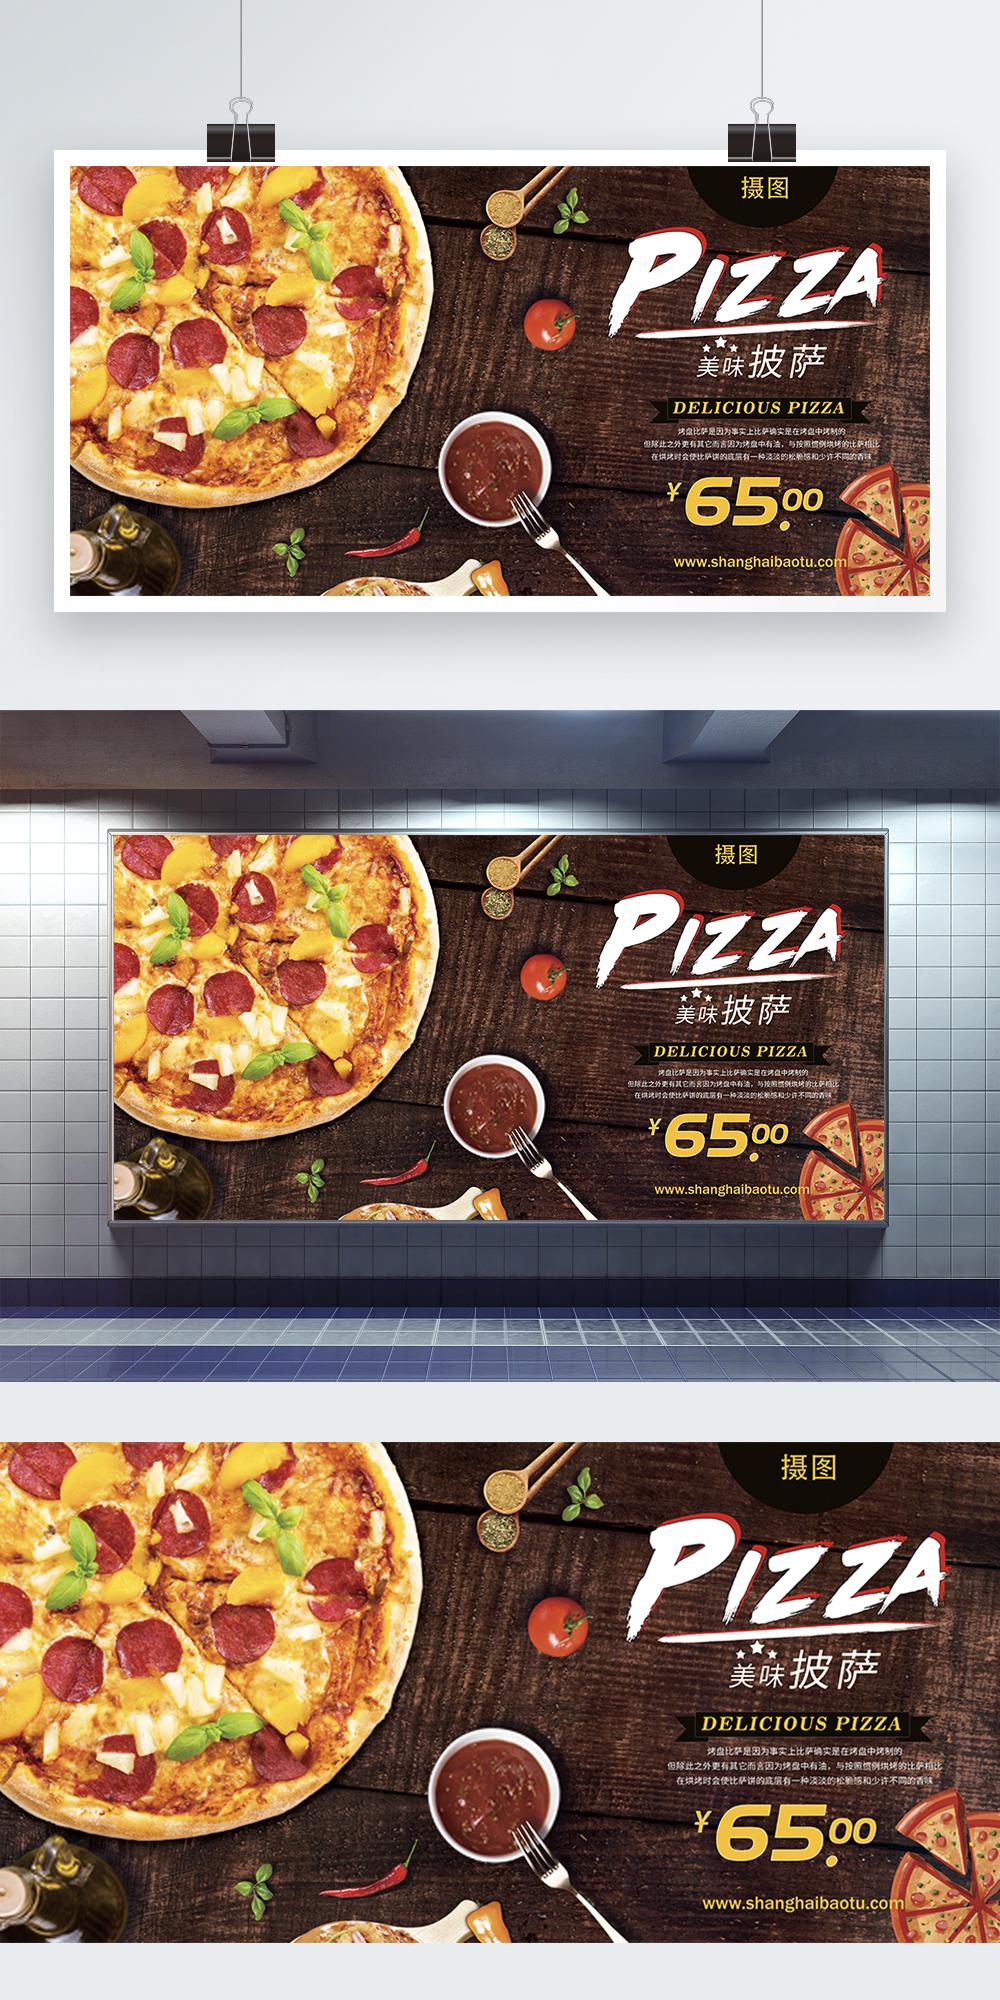 Papan Display Promosi Makanan Pizza Lezat Gambar Unduh Gratis Templat 401497022 Format Gambar Psd Lovepik Com